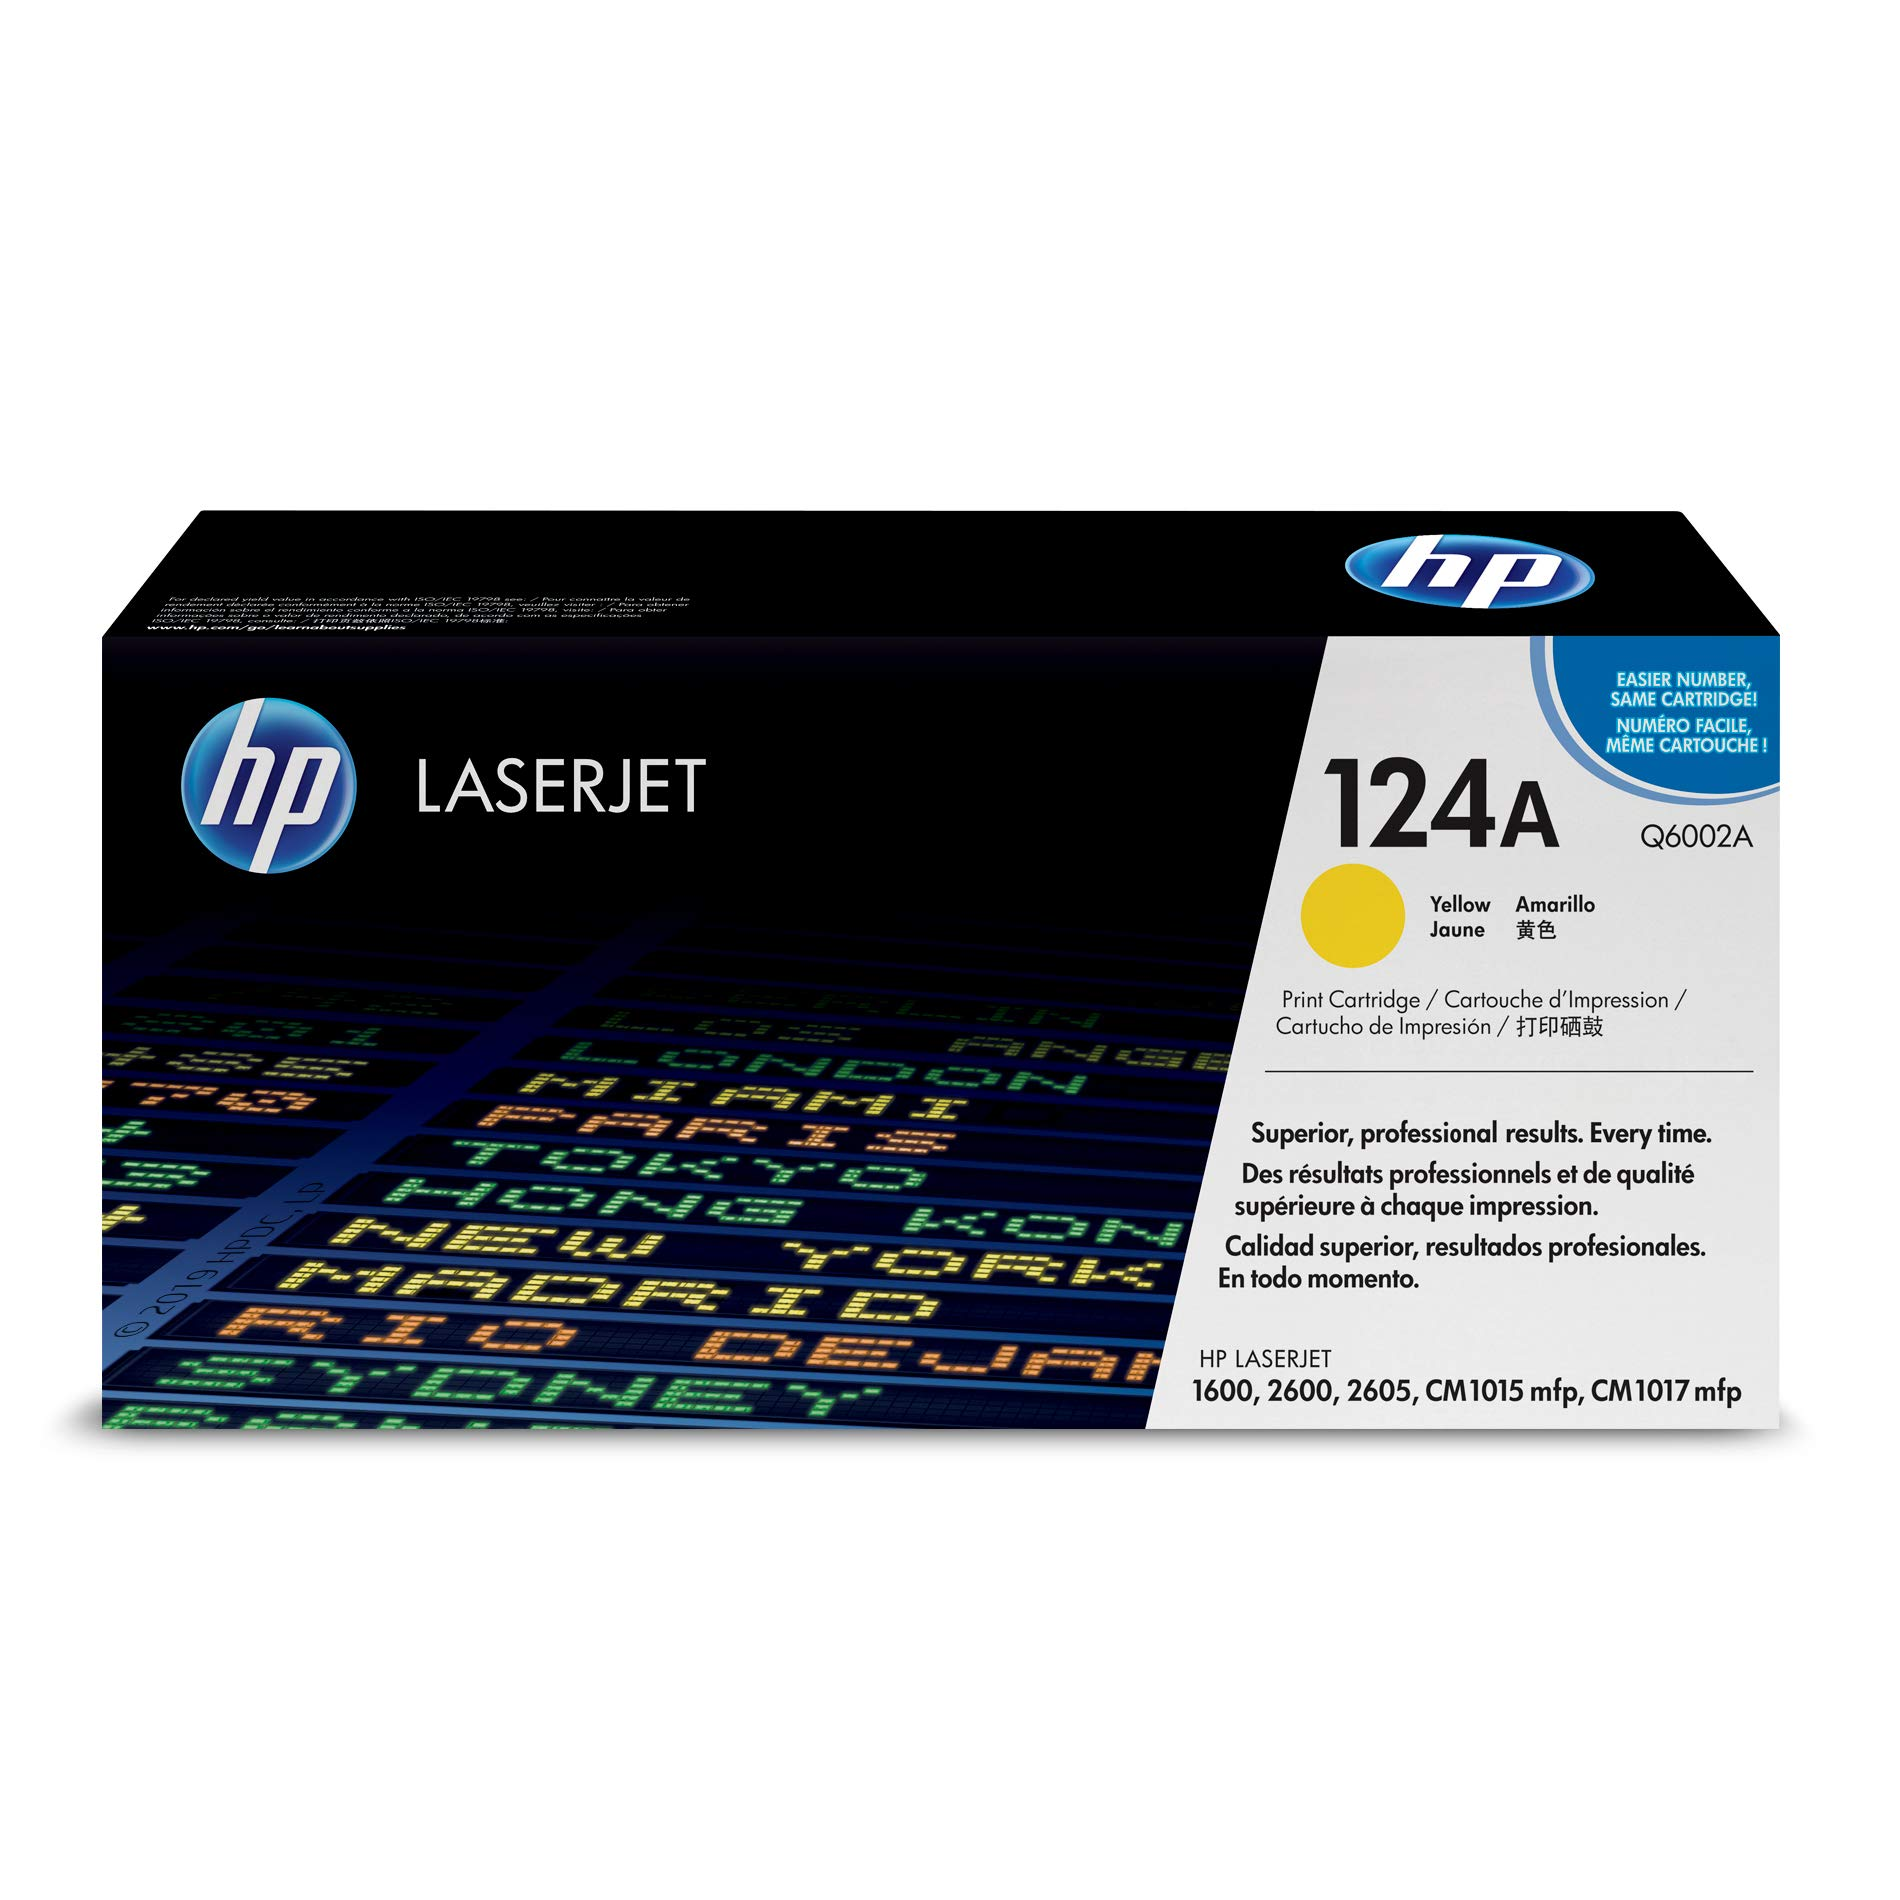 Toner Original HP Color LaserJet Q6002A Yellow (Q6002A)